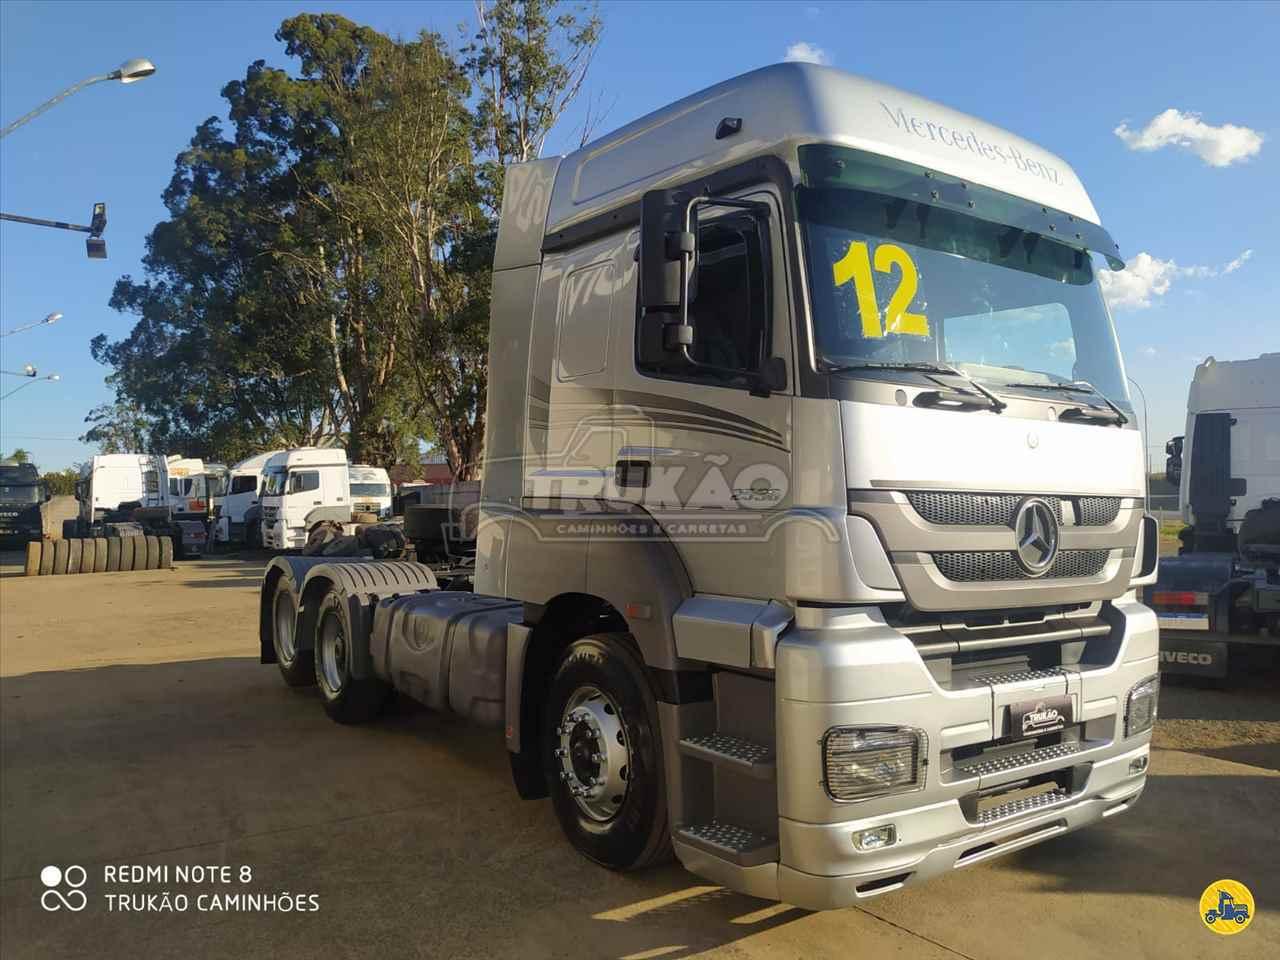 CAMINHAO MERCEDES-BENZ MB 2536 Cavalo Mecânico Truck 6x2 Trukão Caminhões JACUTINGA MINAS GERAIS MG